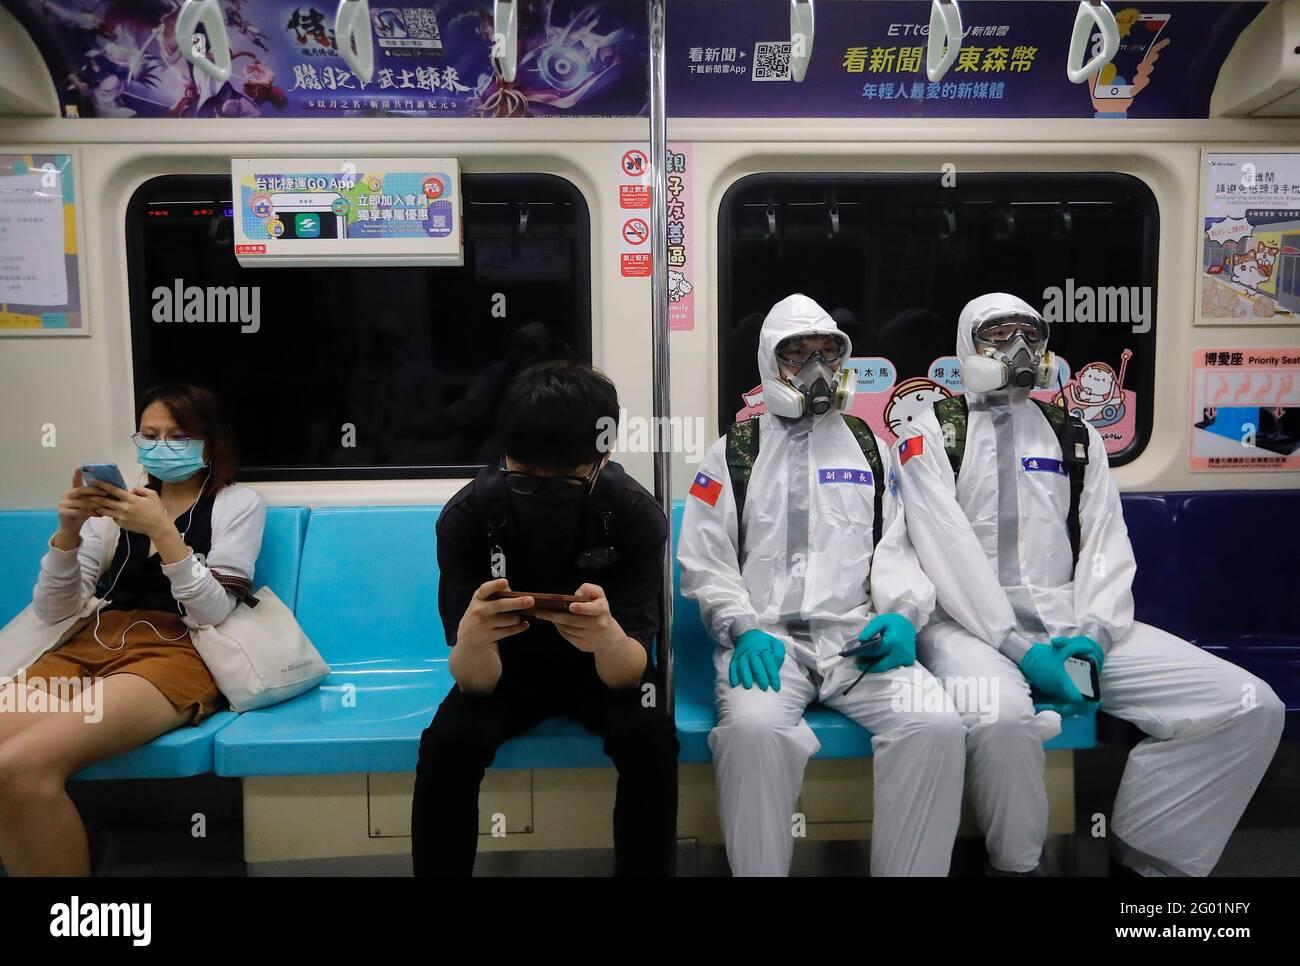 Taipei, Taipei, Taiwan. 31 maggio 2021. Ufficiali militari che disinfettano le aree pubbliche e i trasporti visti su un treno sotterraneo a Taipei, a seguito di una drammatica ondata di casi domestici che mettono a repentaglio i sistemi medici a Taiwan. Con un numero maggiore di casi e decessi correlati a Covid-19, si è discusso sulla possibilità di blocco affrontando al contempo vaccini inadeguati e impatti sull'economia. Credit: Daniel Ceng Shou-Yi/ZUMA Wire/Alamy Live News Foto Stock